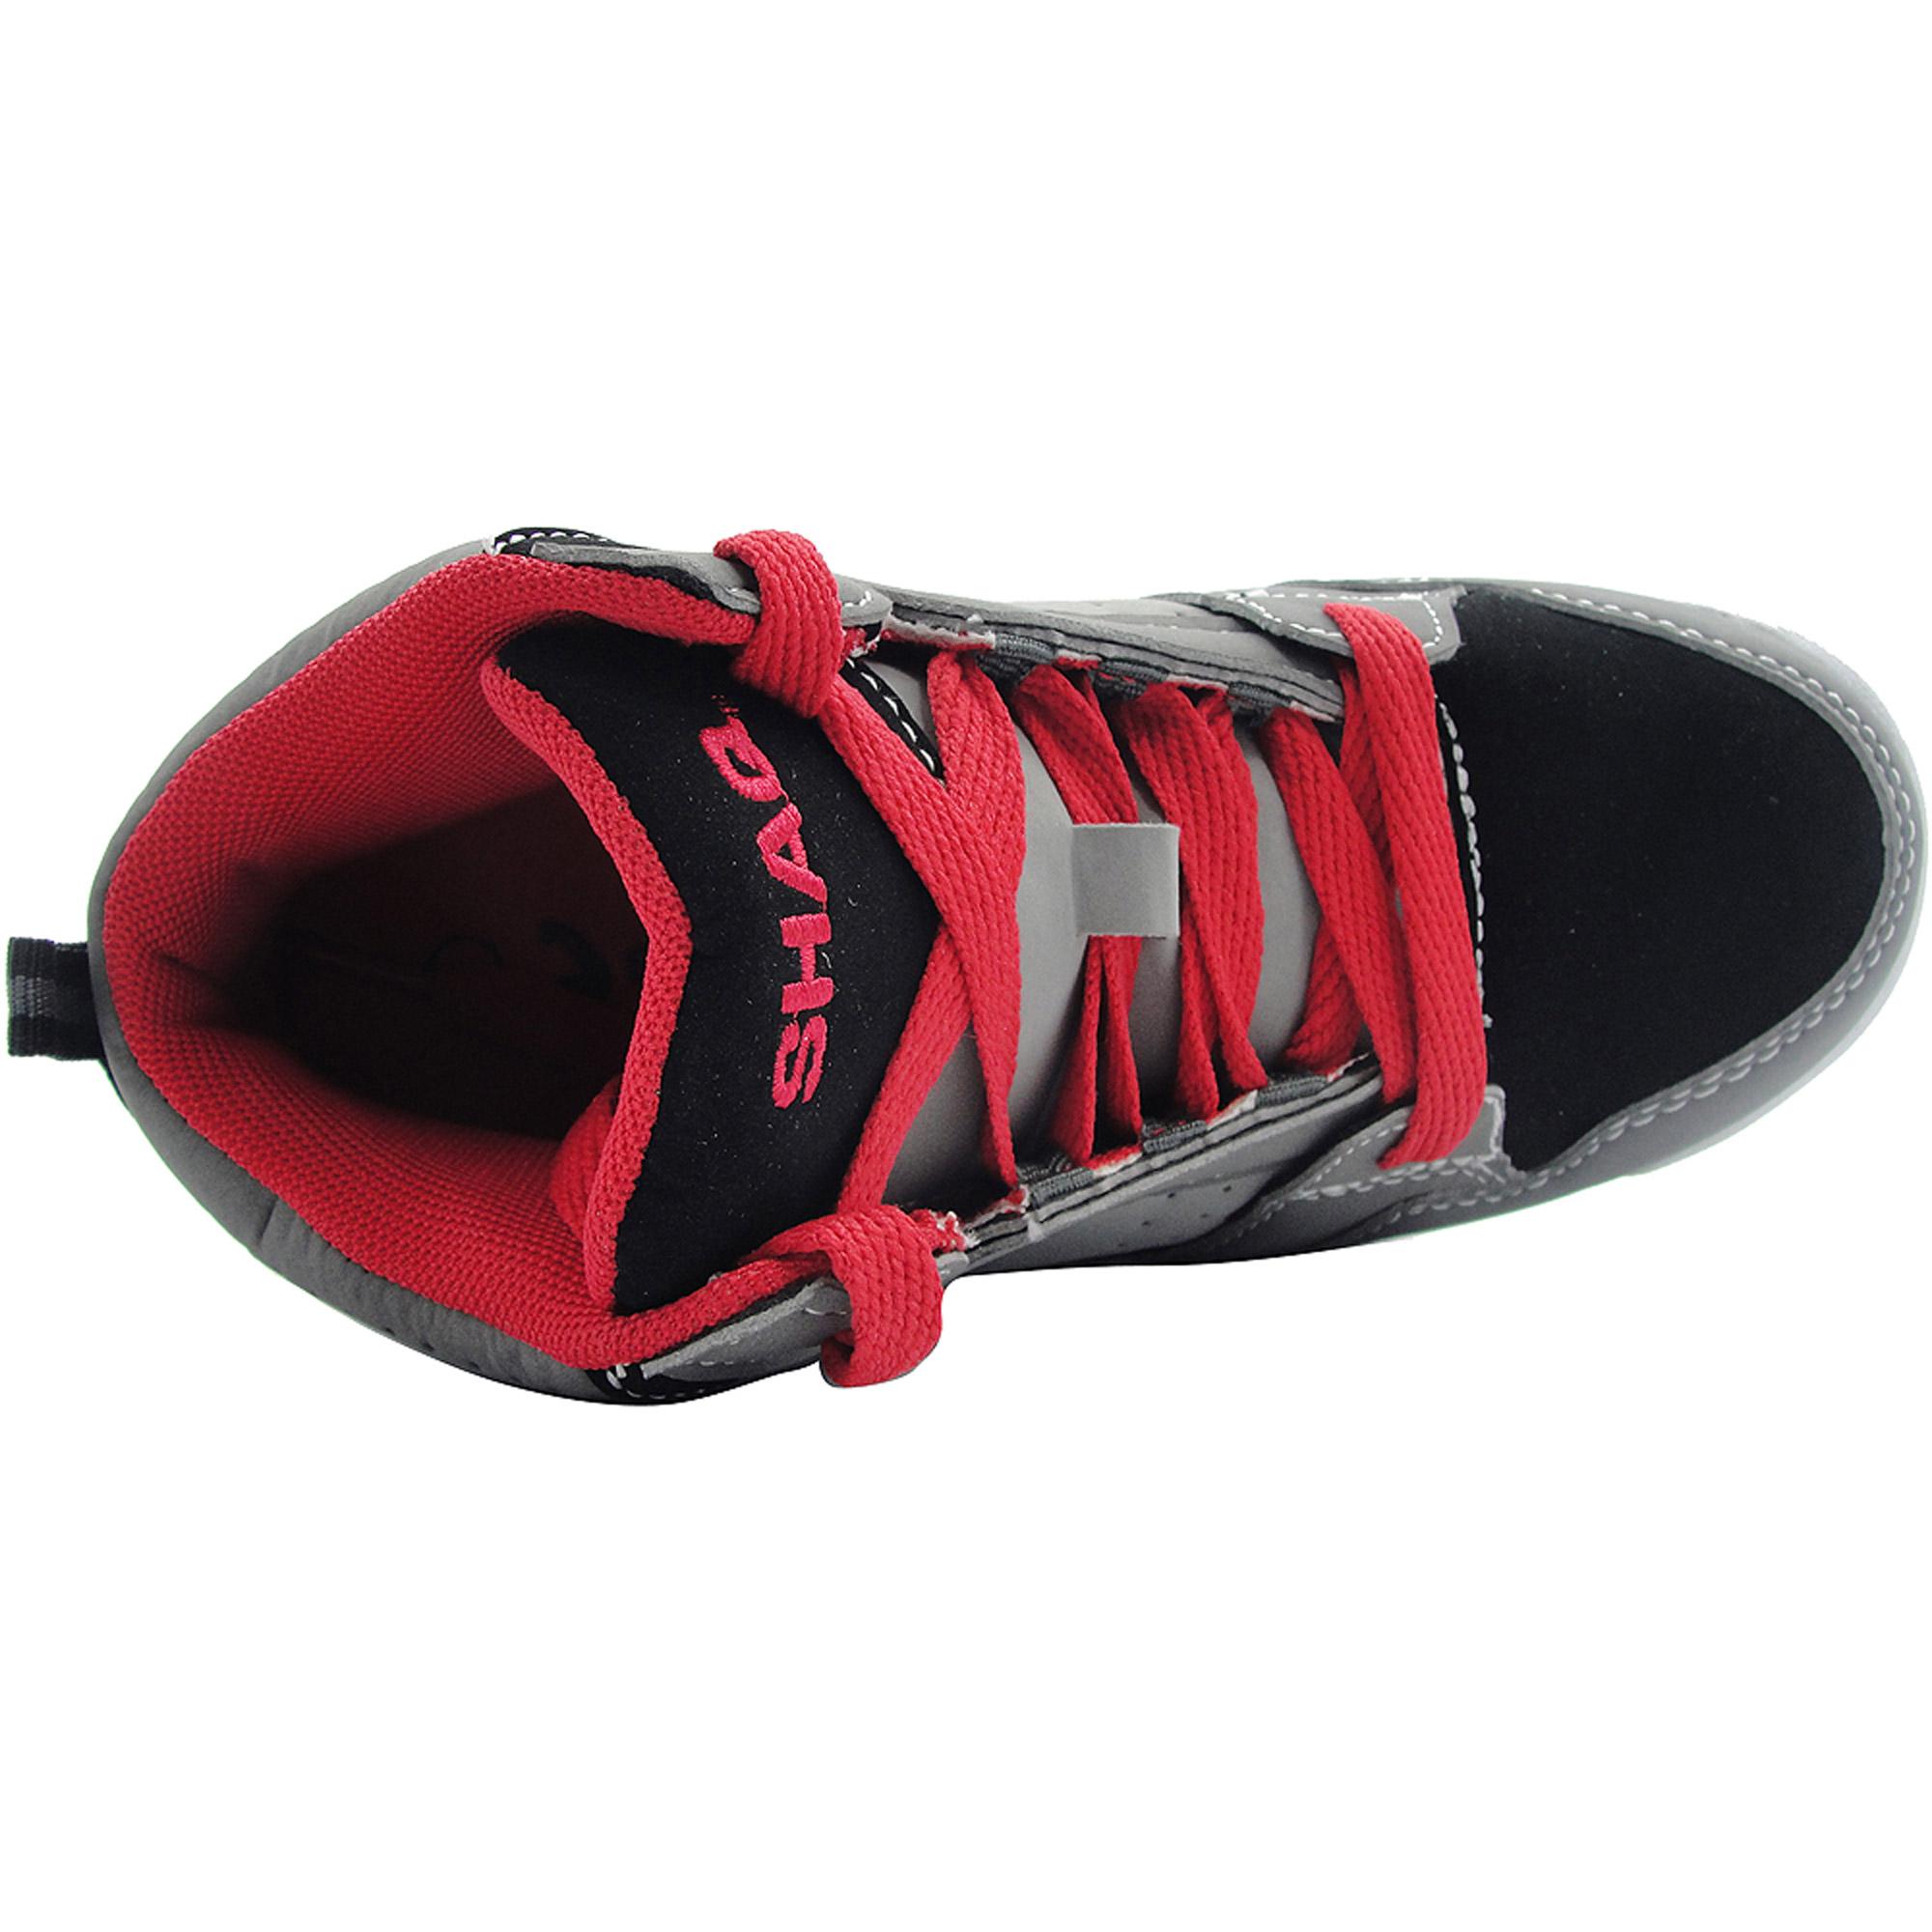 1e0b8f9c831 Shaq - Shaq Boys Retro High-top Basketball Shoe - Walmart.com